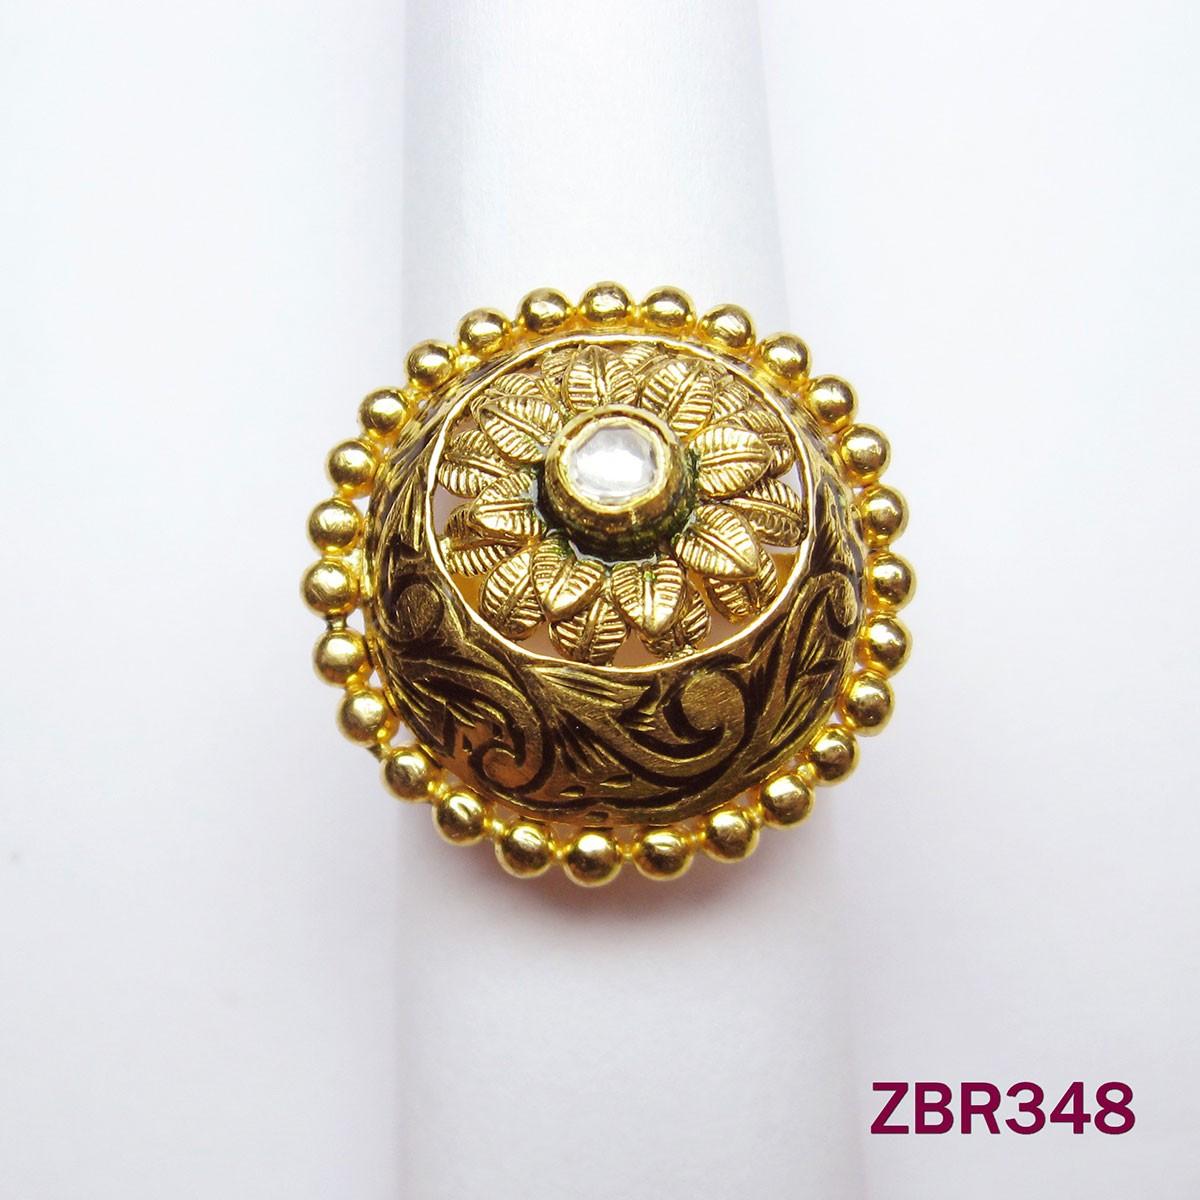 ZBR348